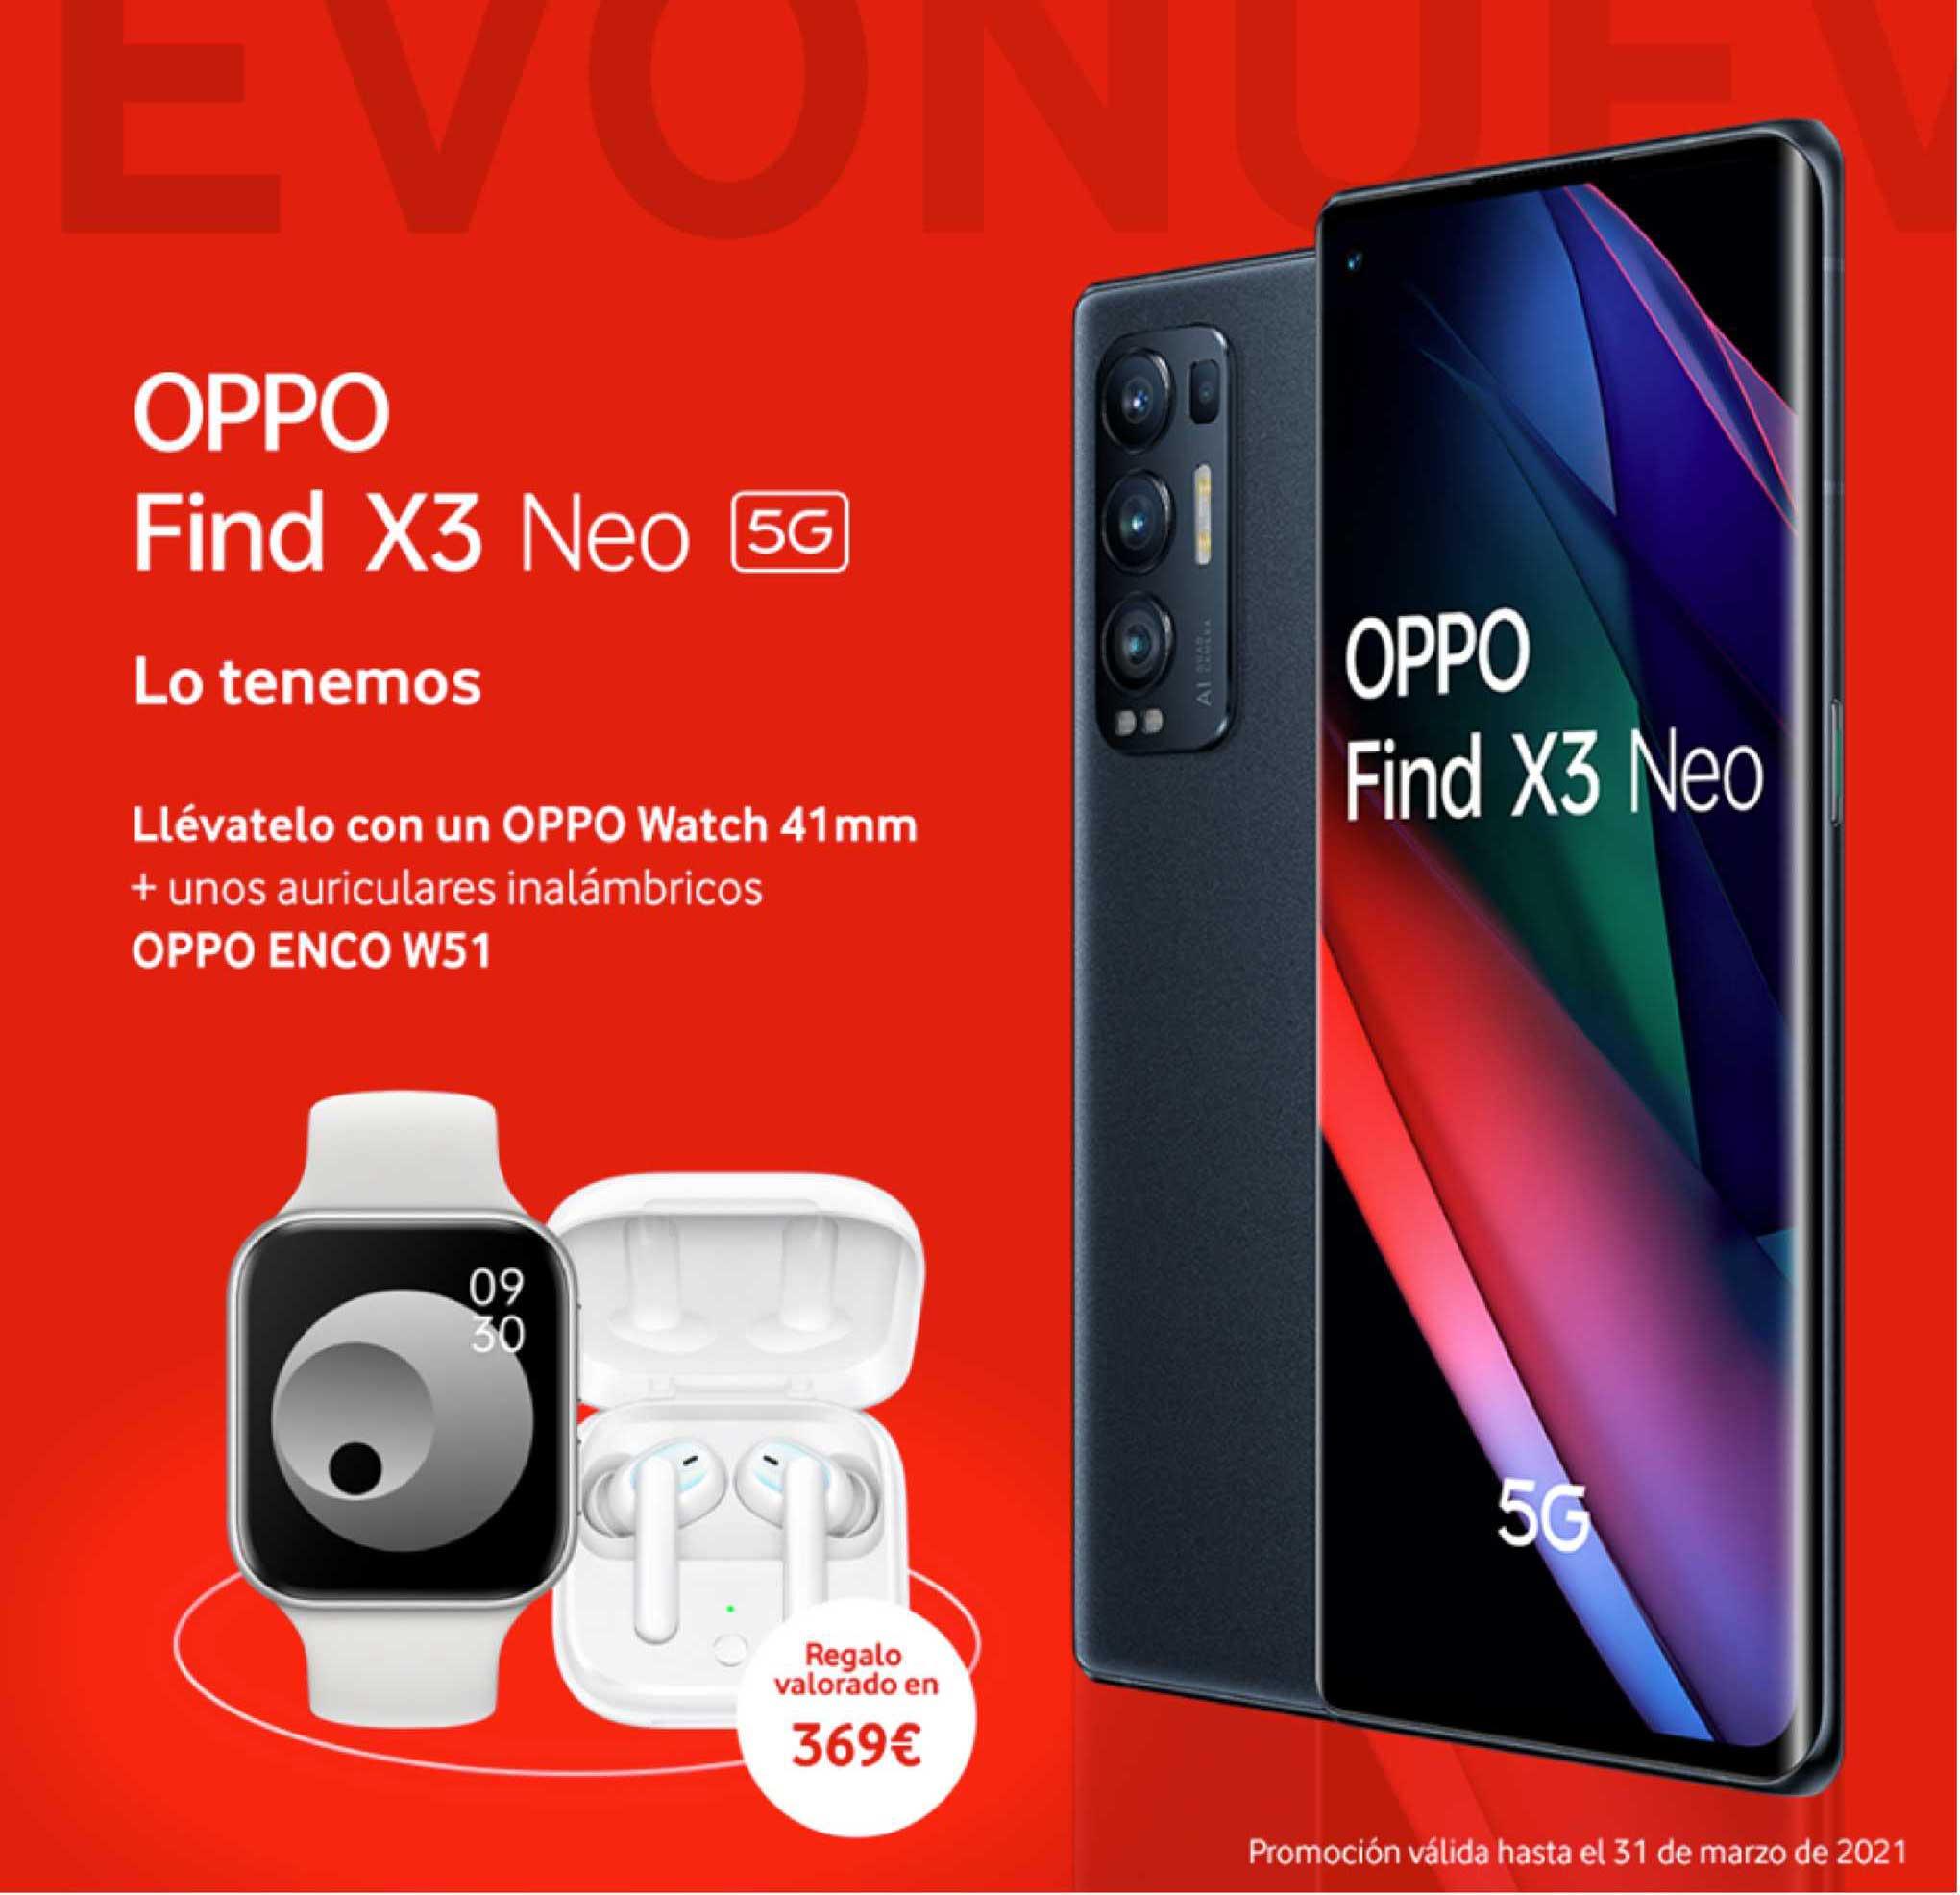 Vodafone Oppo Find X3 Neo